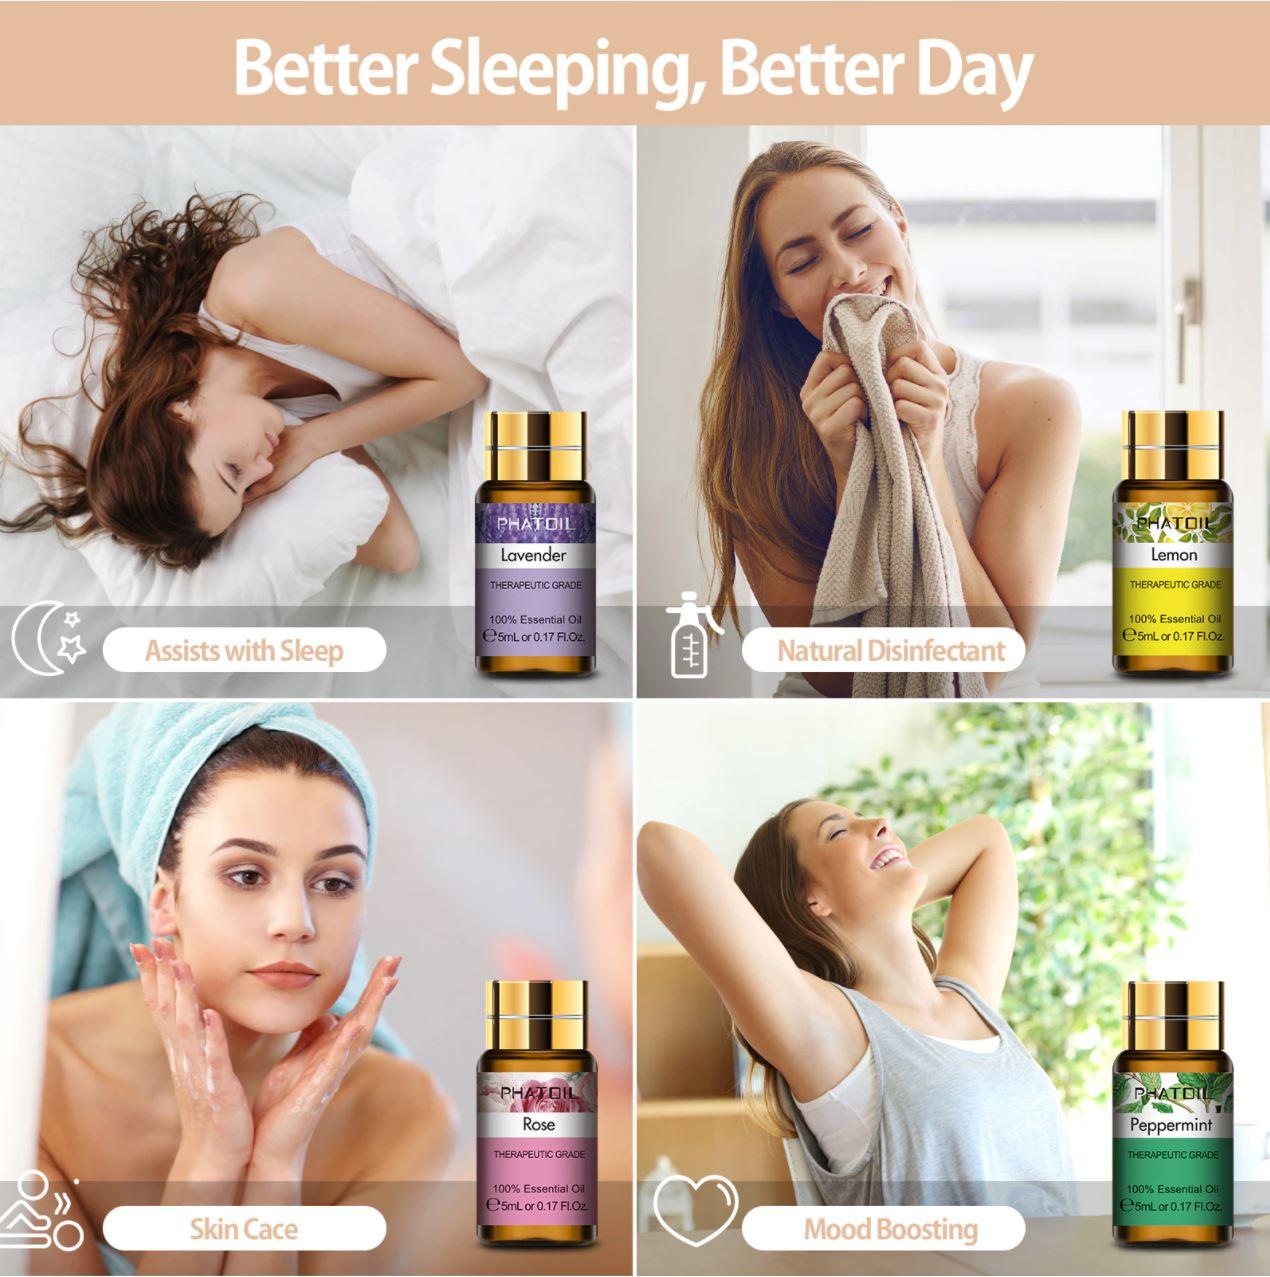 Promocje Aliexpress w dziale Beauty - olejki eteryczne